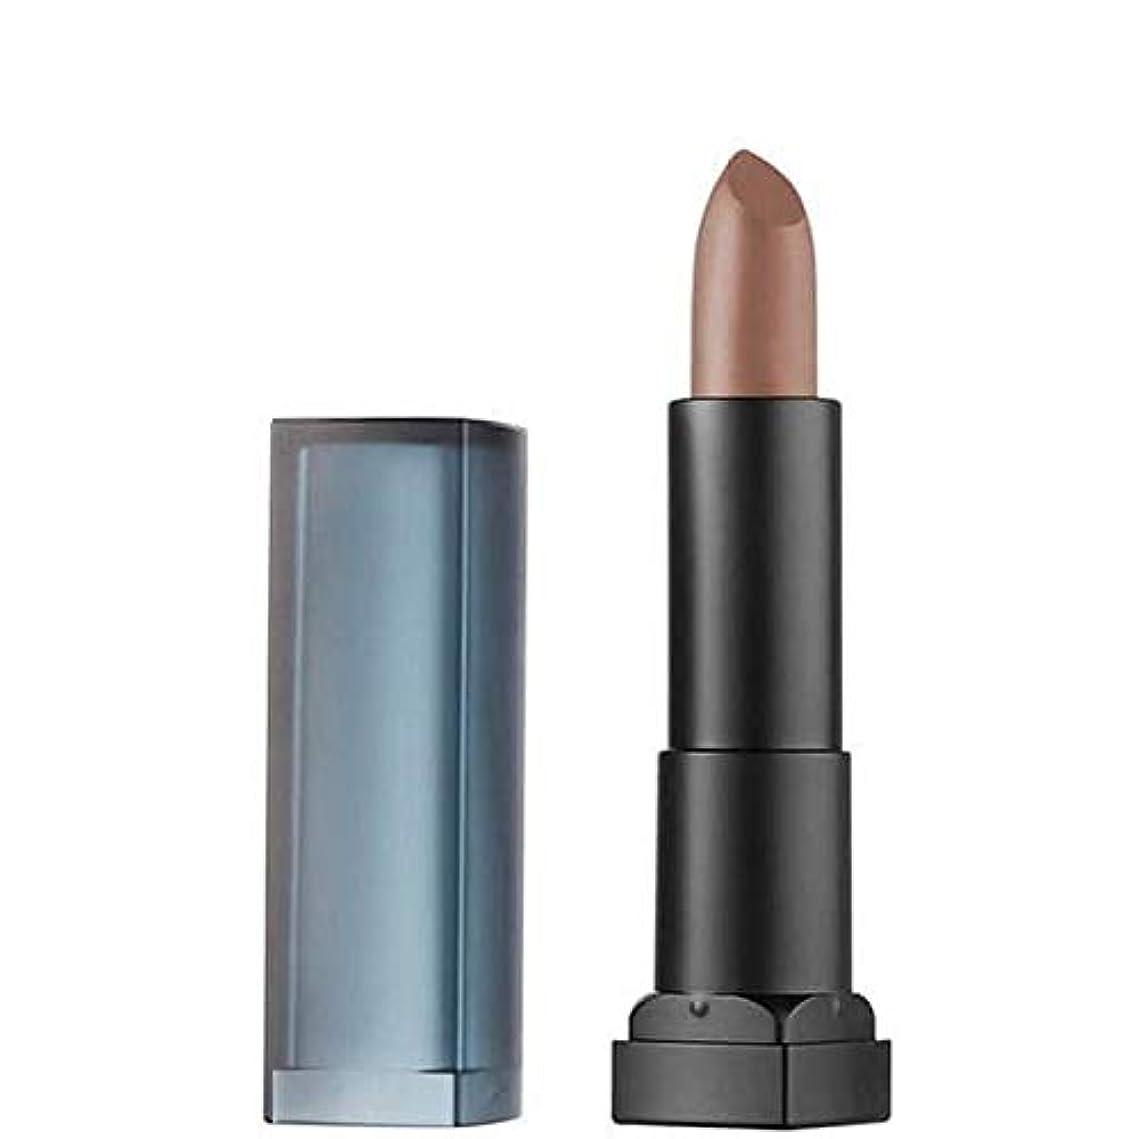 反発レオナルドダ主張[Maybelline ] メイベリンカラーセンセーショナルなマット口紅15スモーキートープ - Maybelline Color Sensational Matte Lipstick 15 Smoky Taupe [並行輸入品]